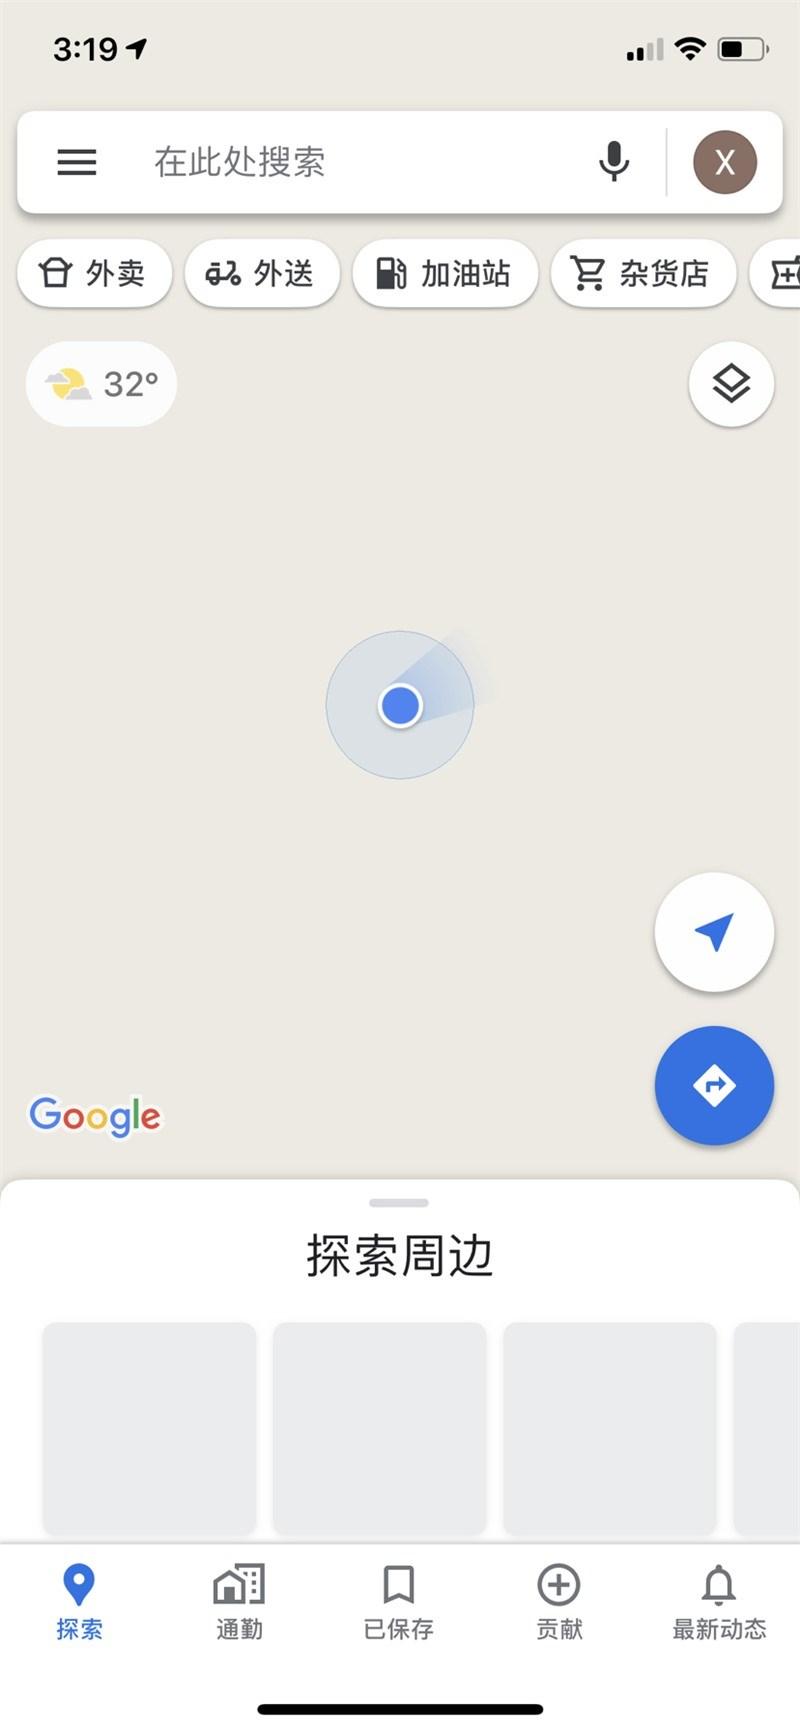 谷歌地图停止服务,疑似屏蔽国内SIM卡